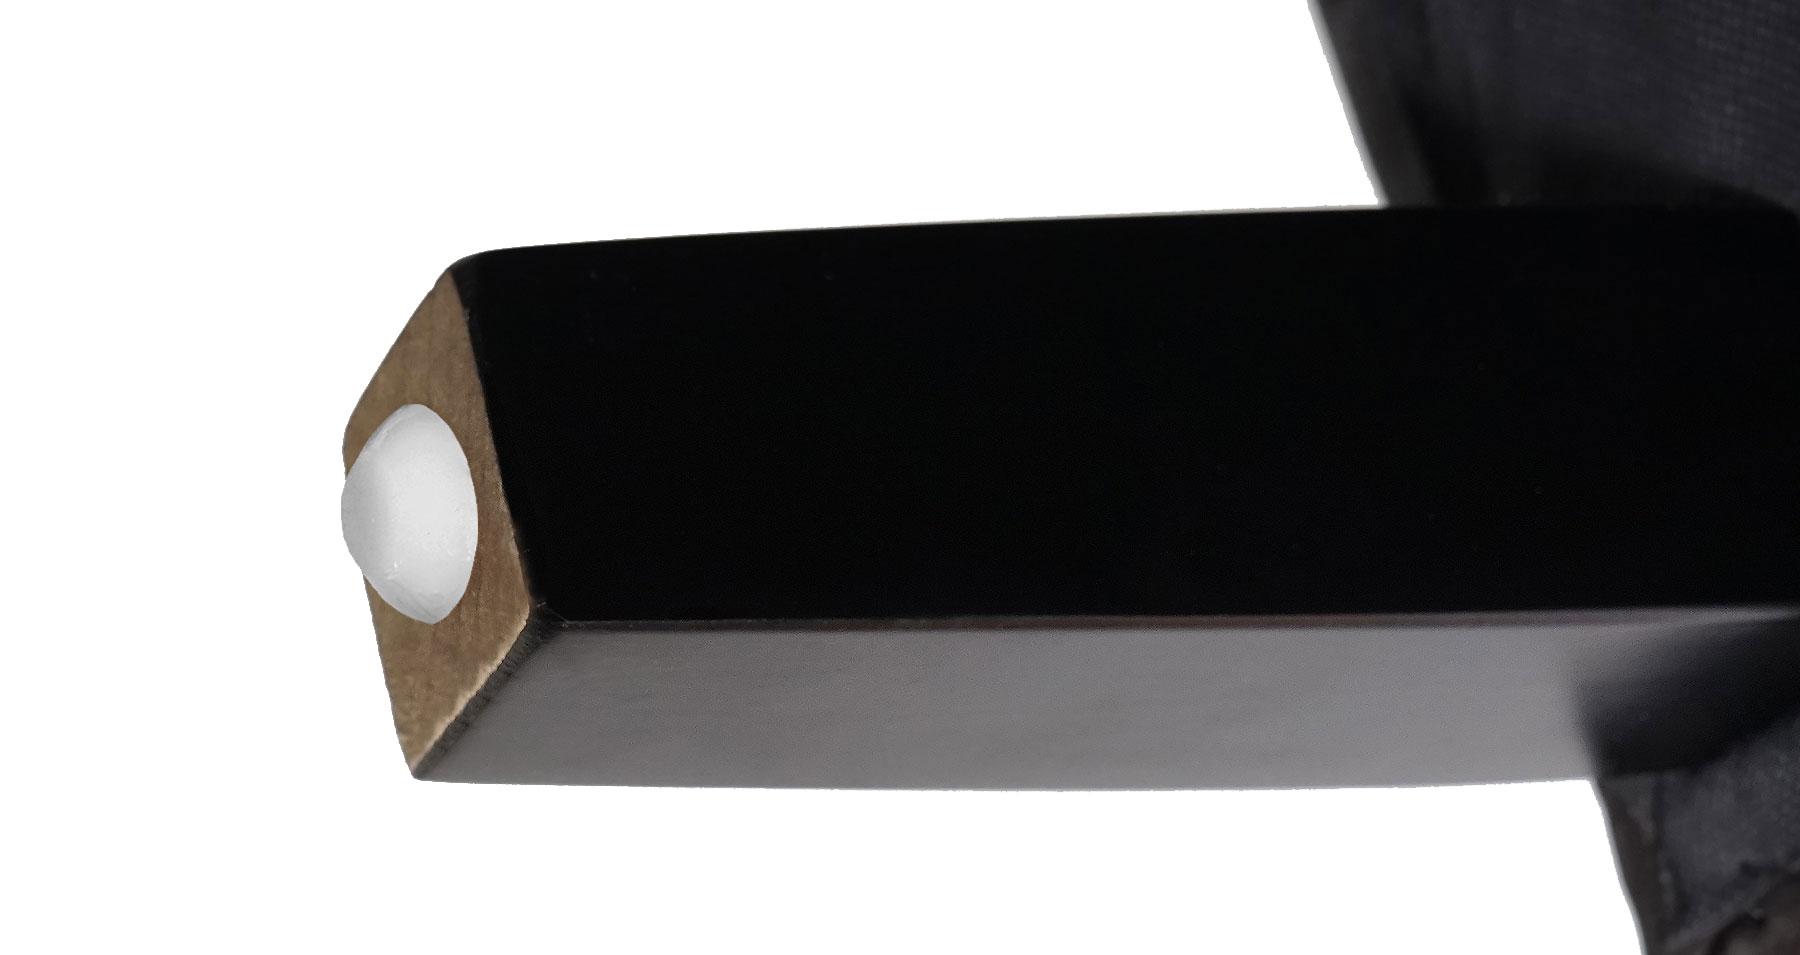 Sessel Newport T810 Detailansicht Füße mit Fußbodenschoner